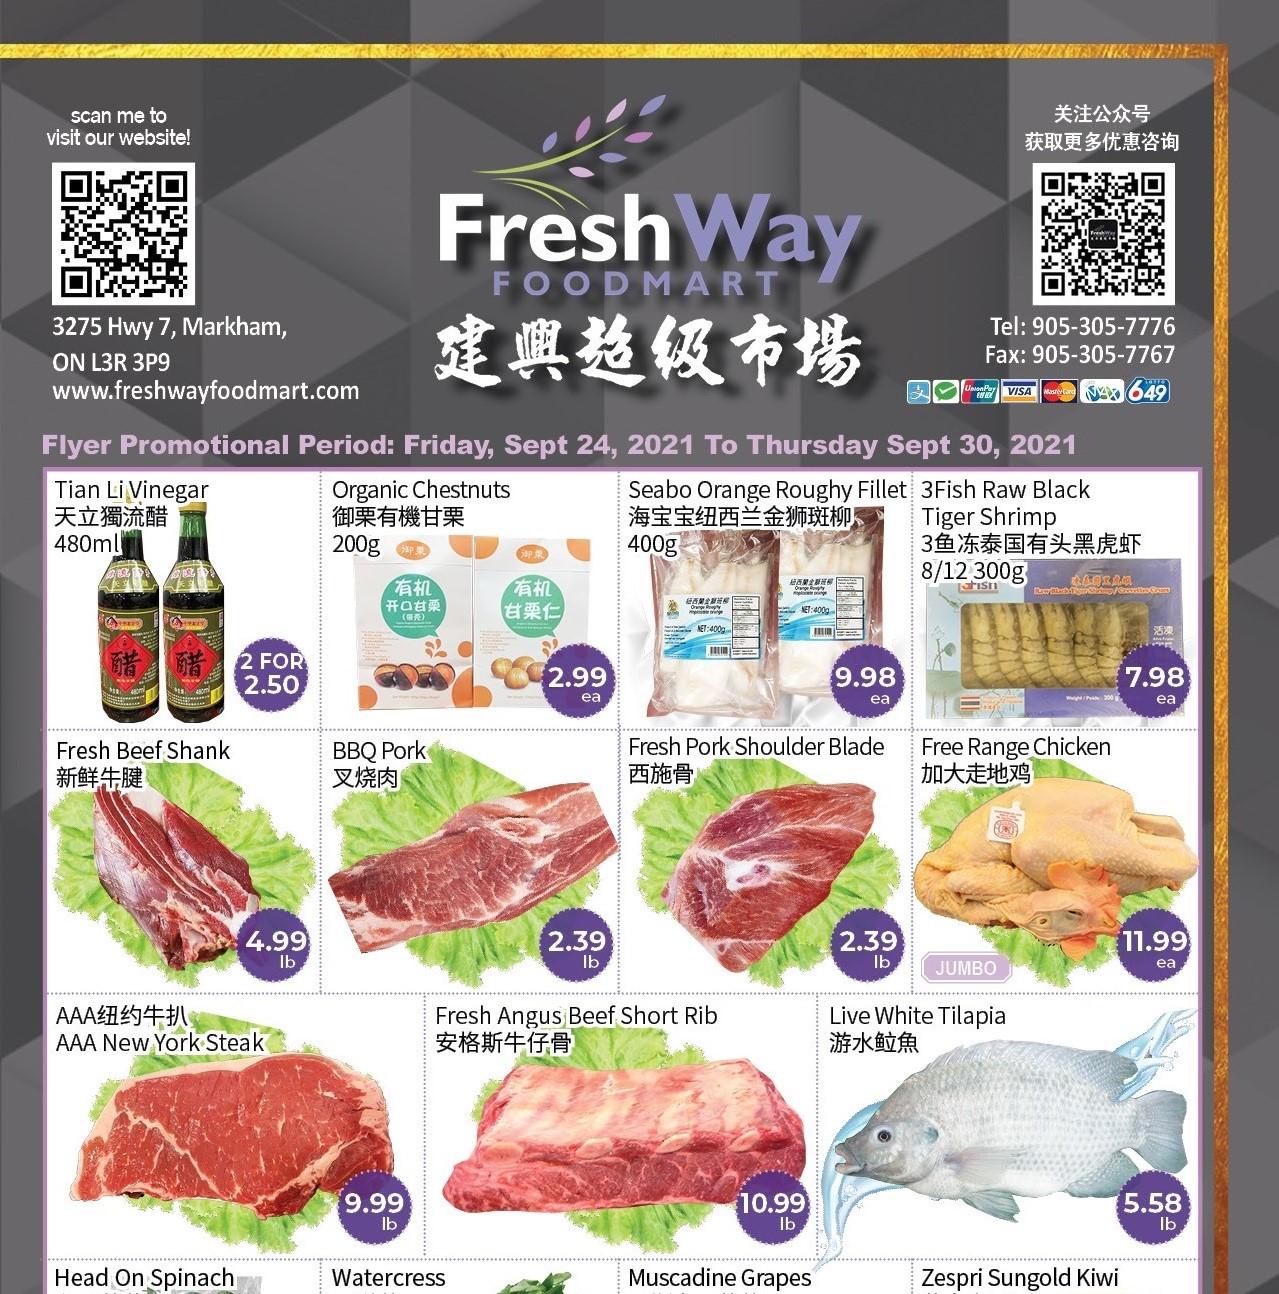 FreshWay Foodmart Flyer   Sep 24